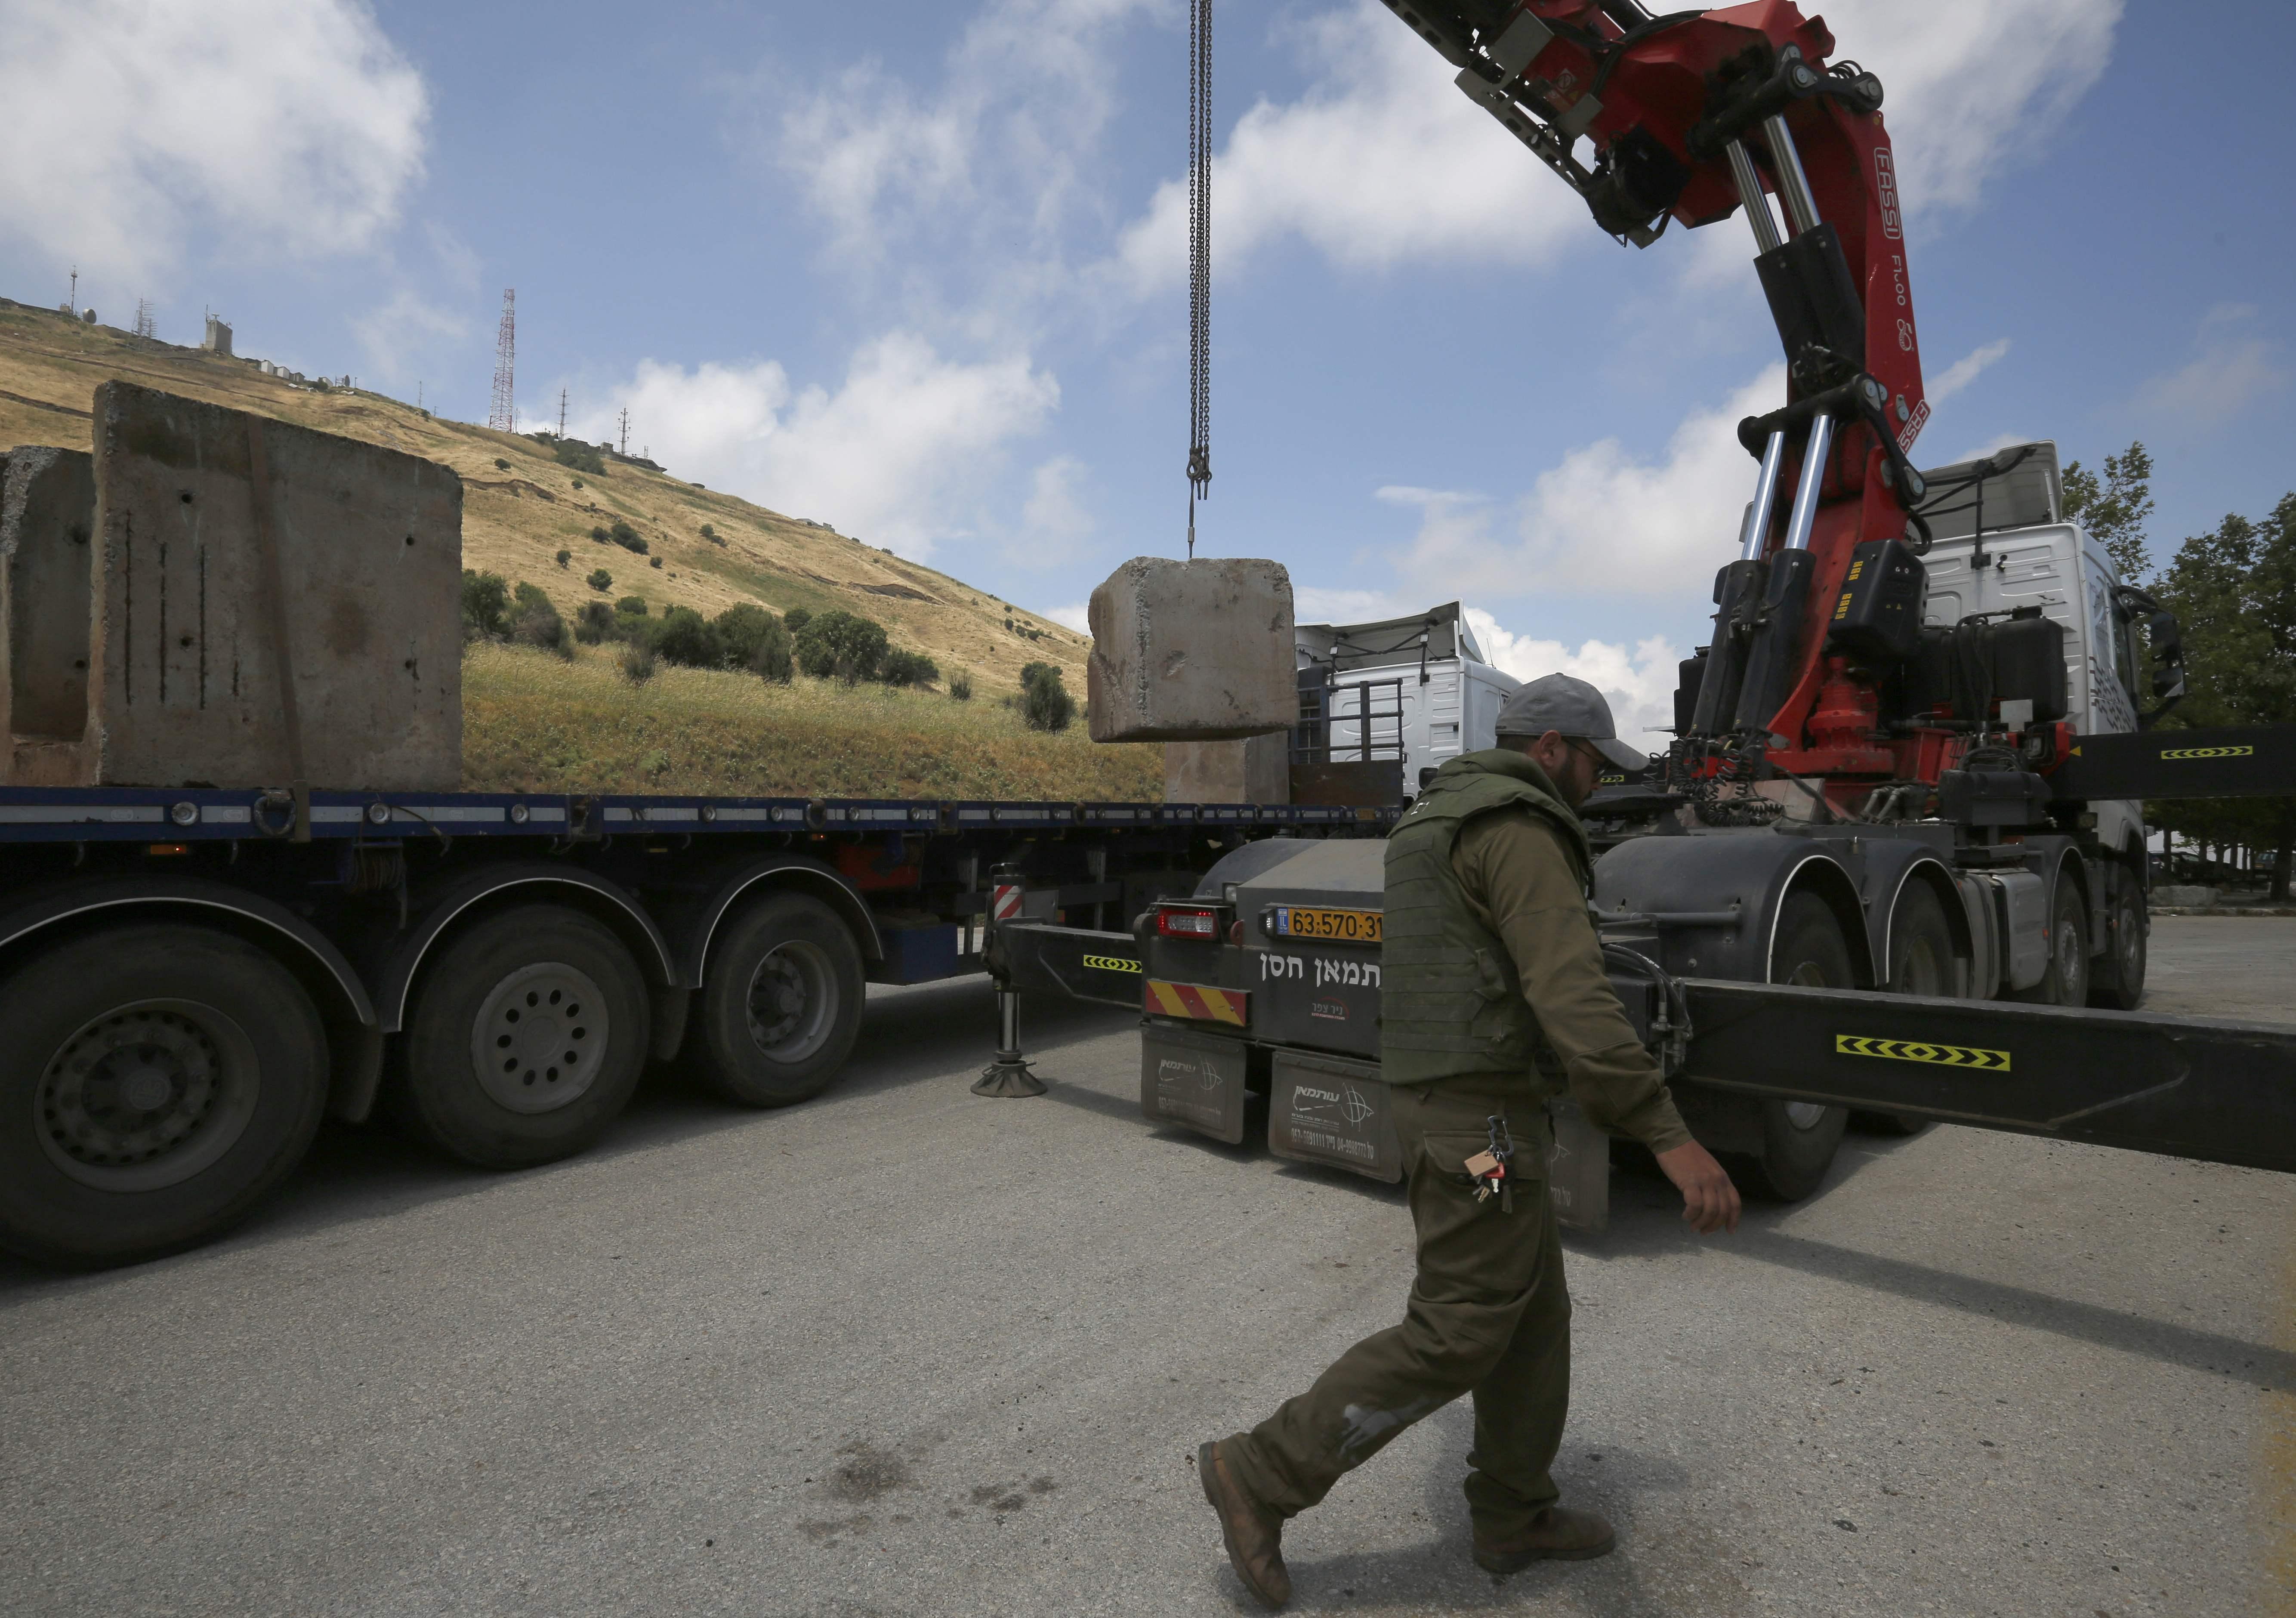 الاحتلال الاسرائيلى يضع حواجز خرسانية فى الجولان المحتل